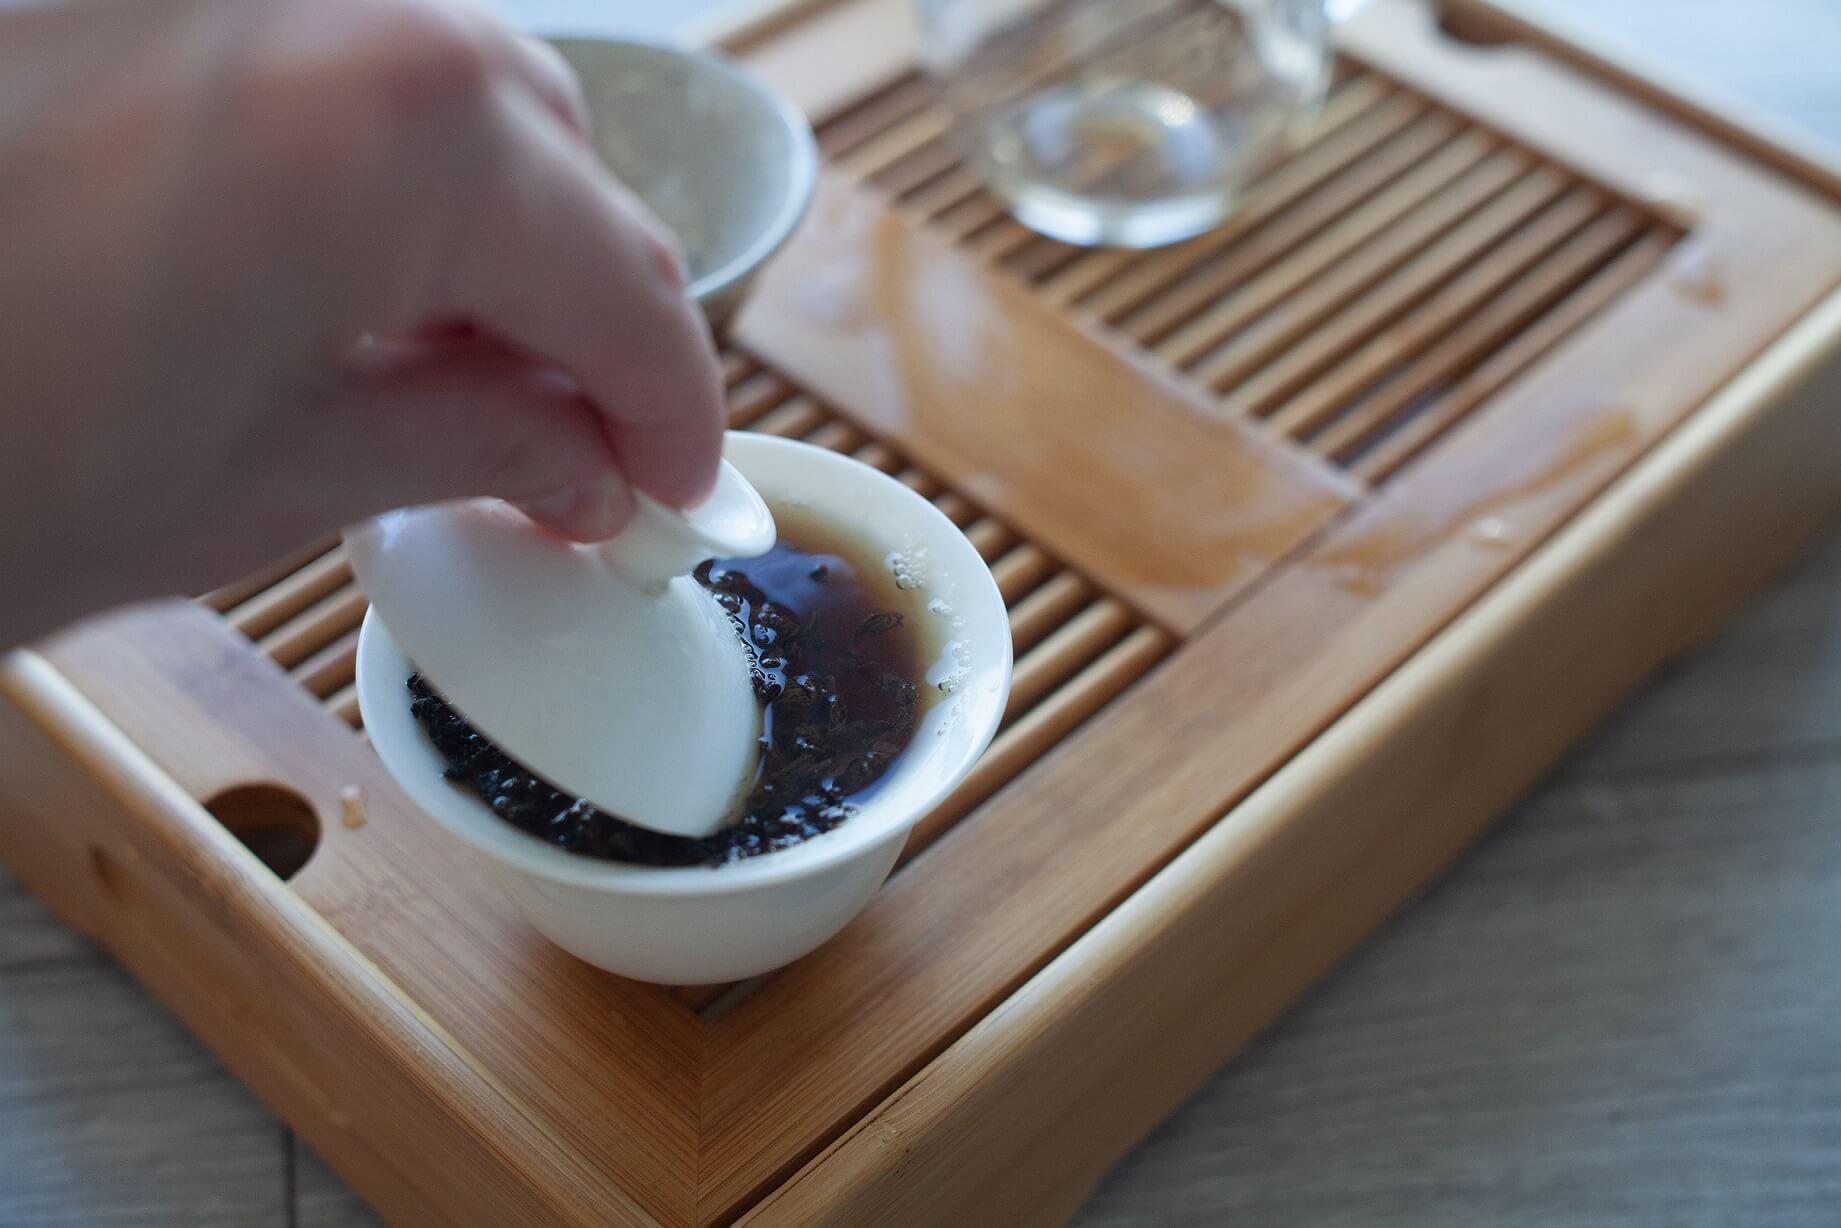 Zalany wrzątkiem gaiwan z suszem czerwonej herbaty w środku oraz zanurzonym delikatnie spodkiem gaiwana. Naczynie umieszczone na tacy do parzenia herbaty.